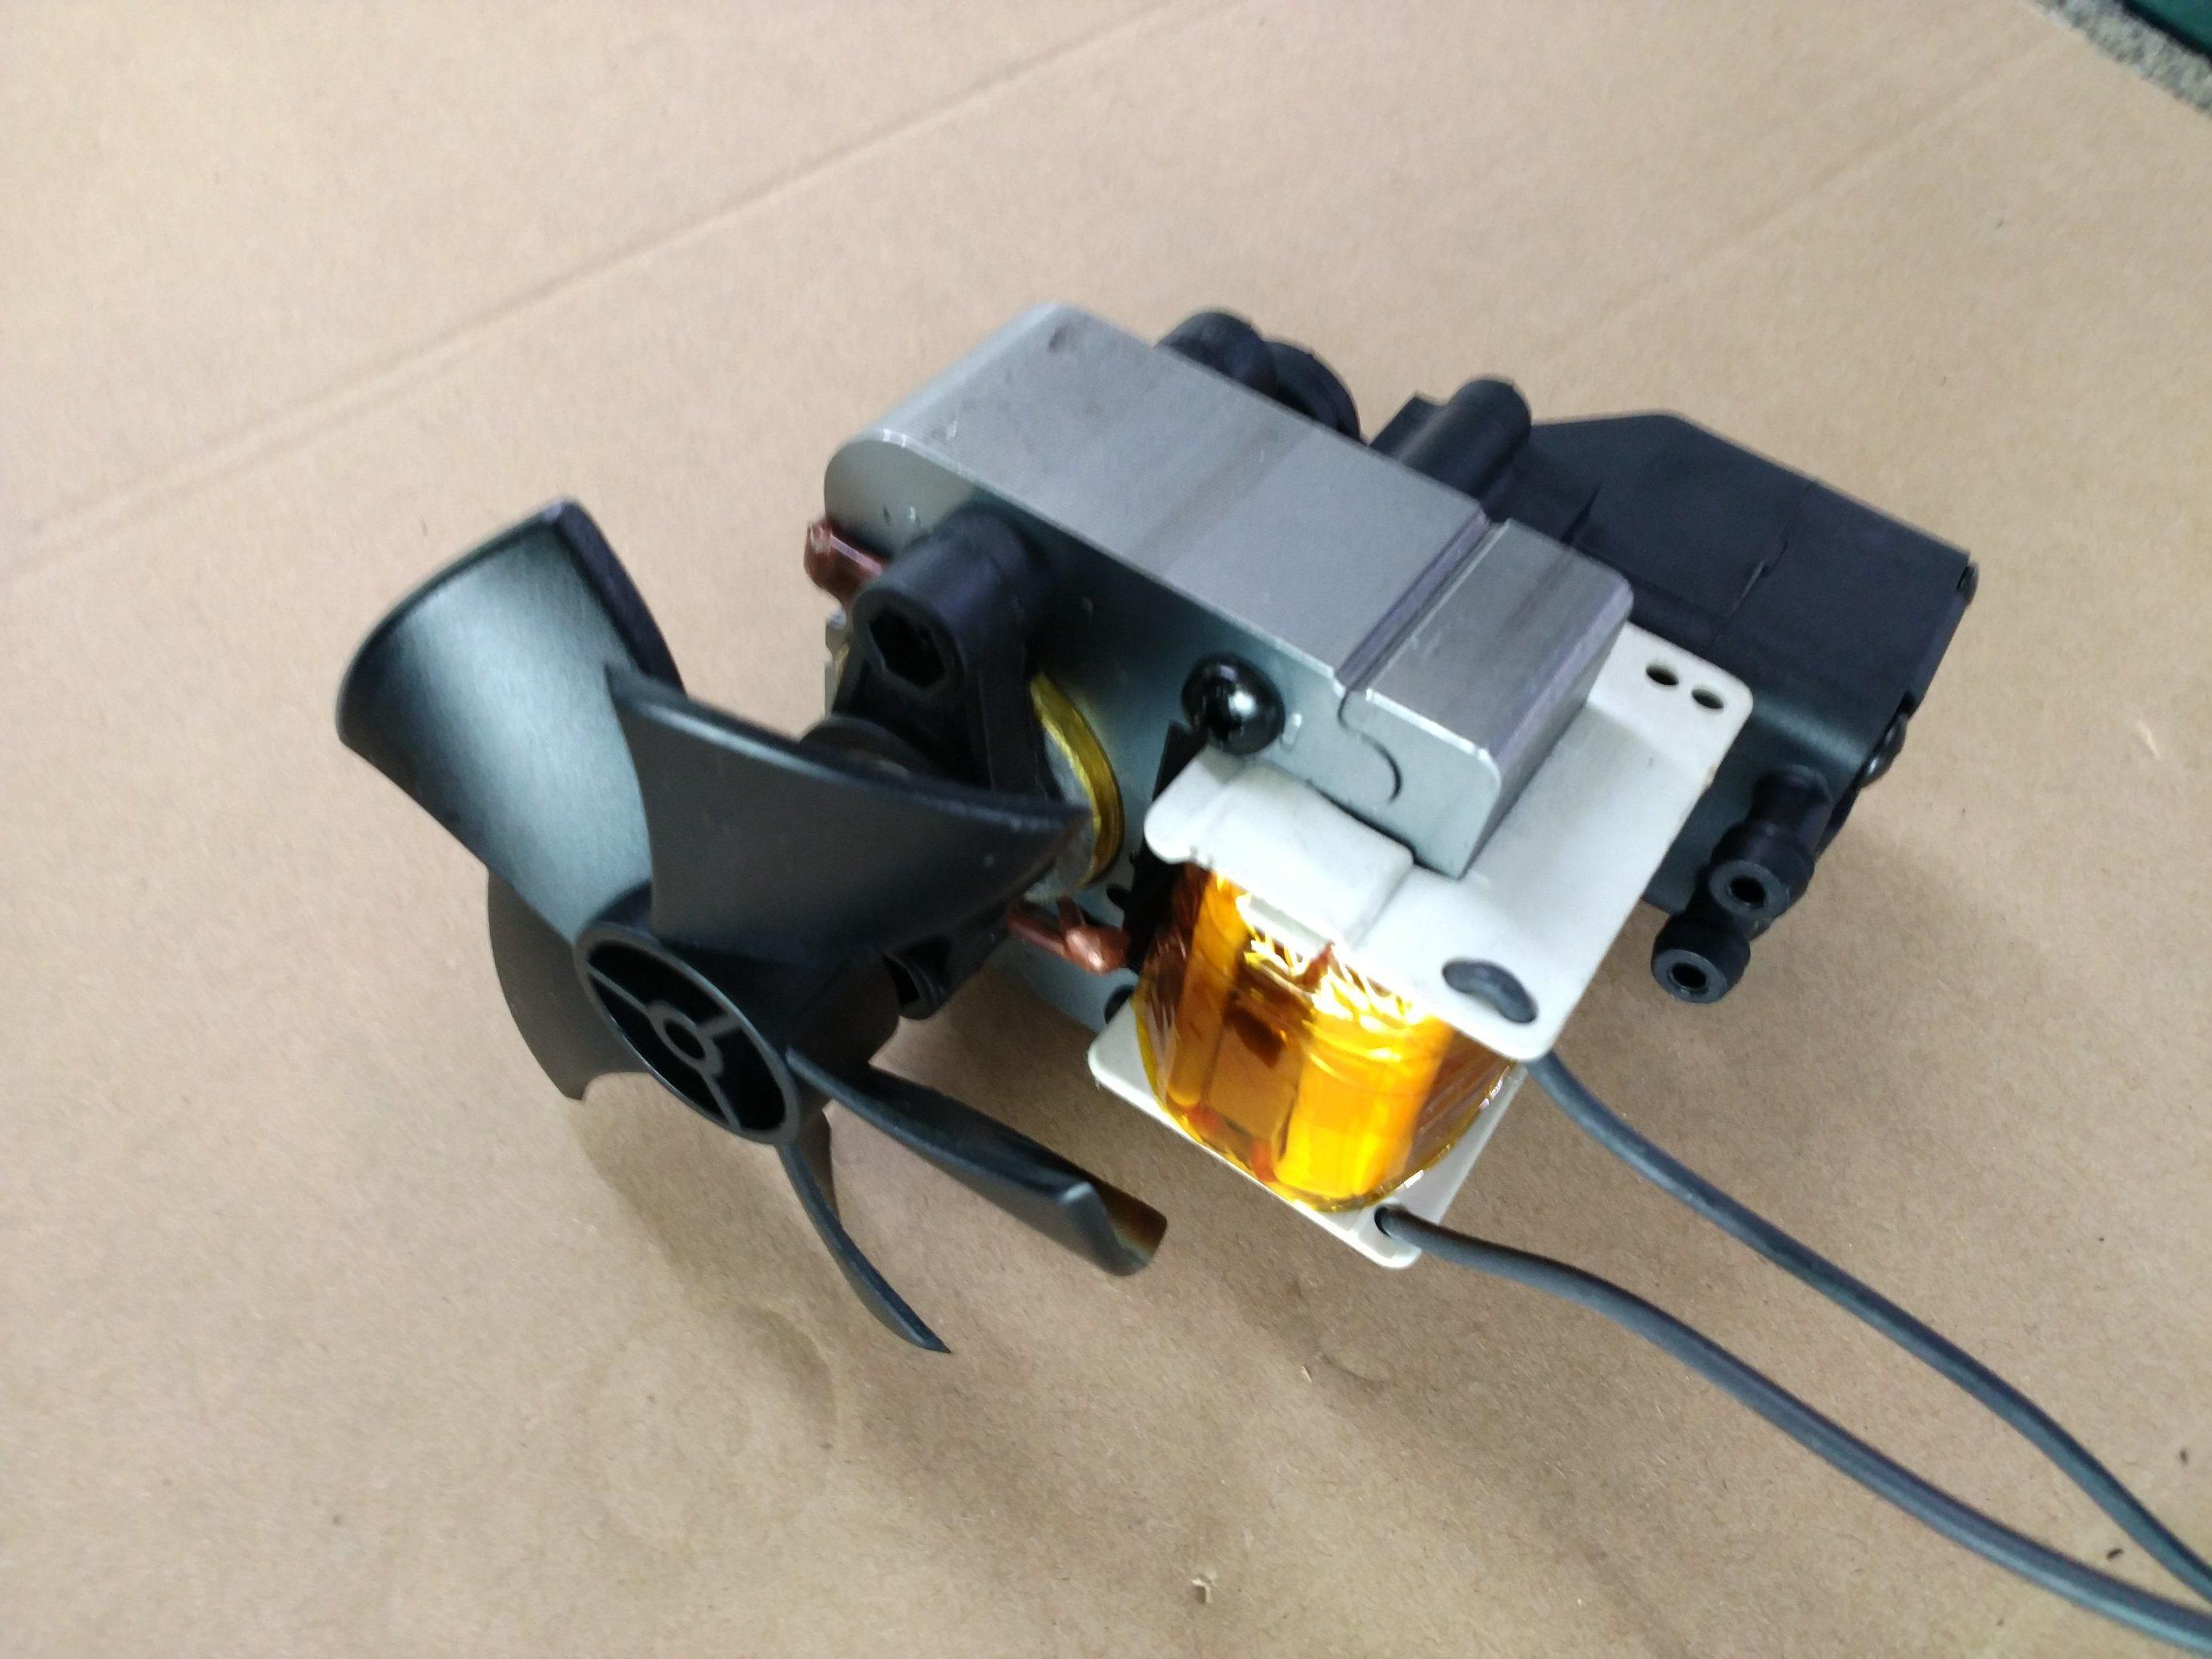 26mm 네뷸라이저 압축기 모터 공장 피스톤 네뷸라이저 압축기 CE